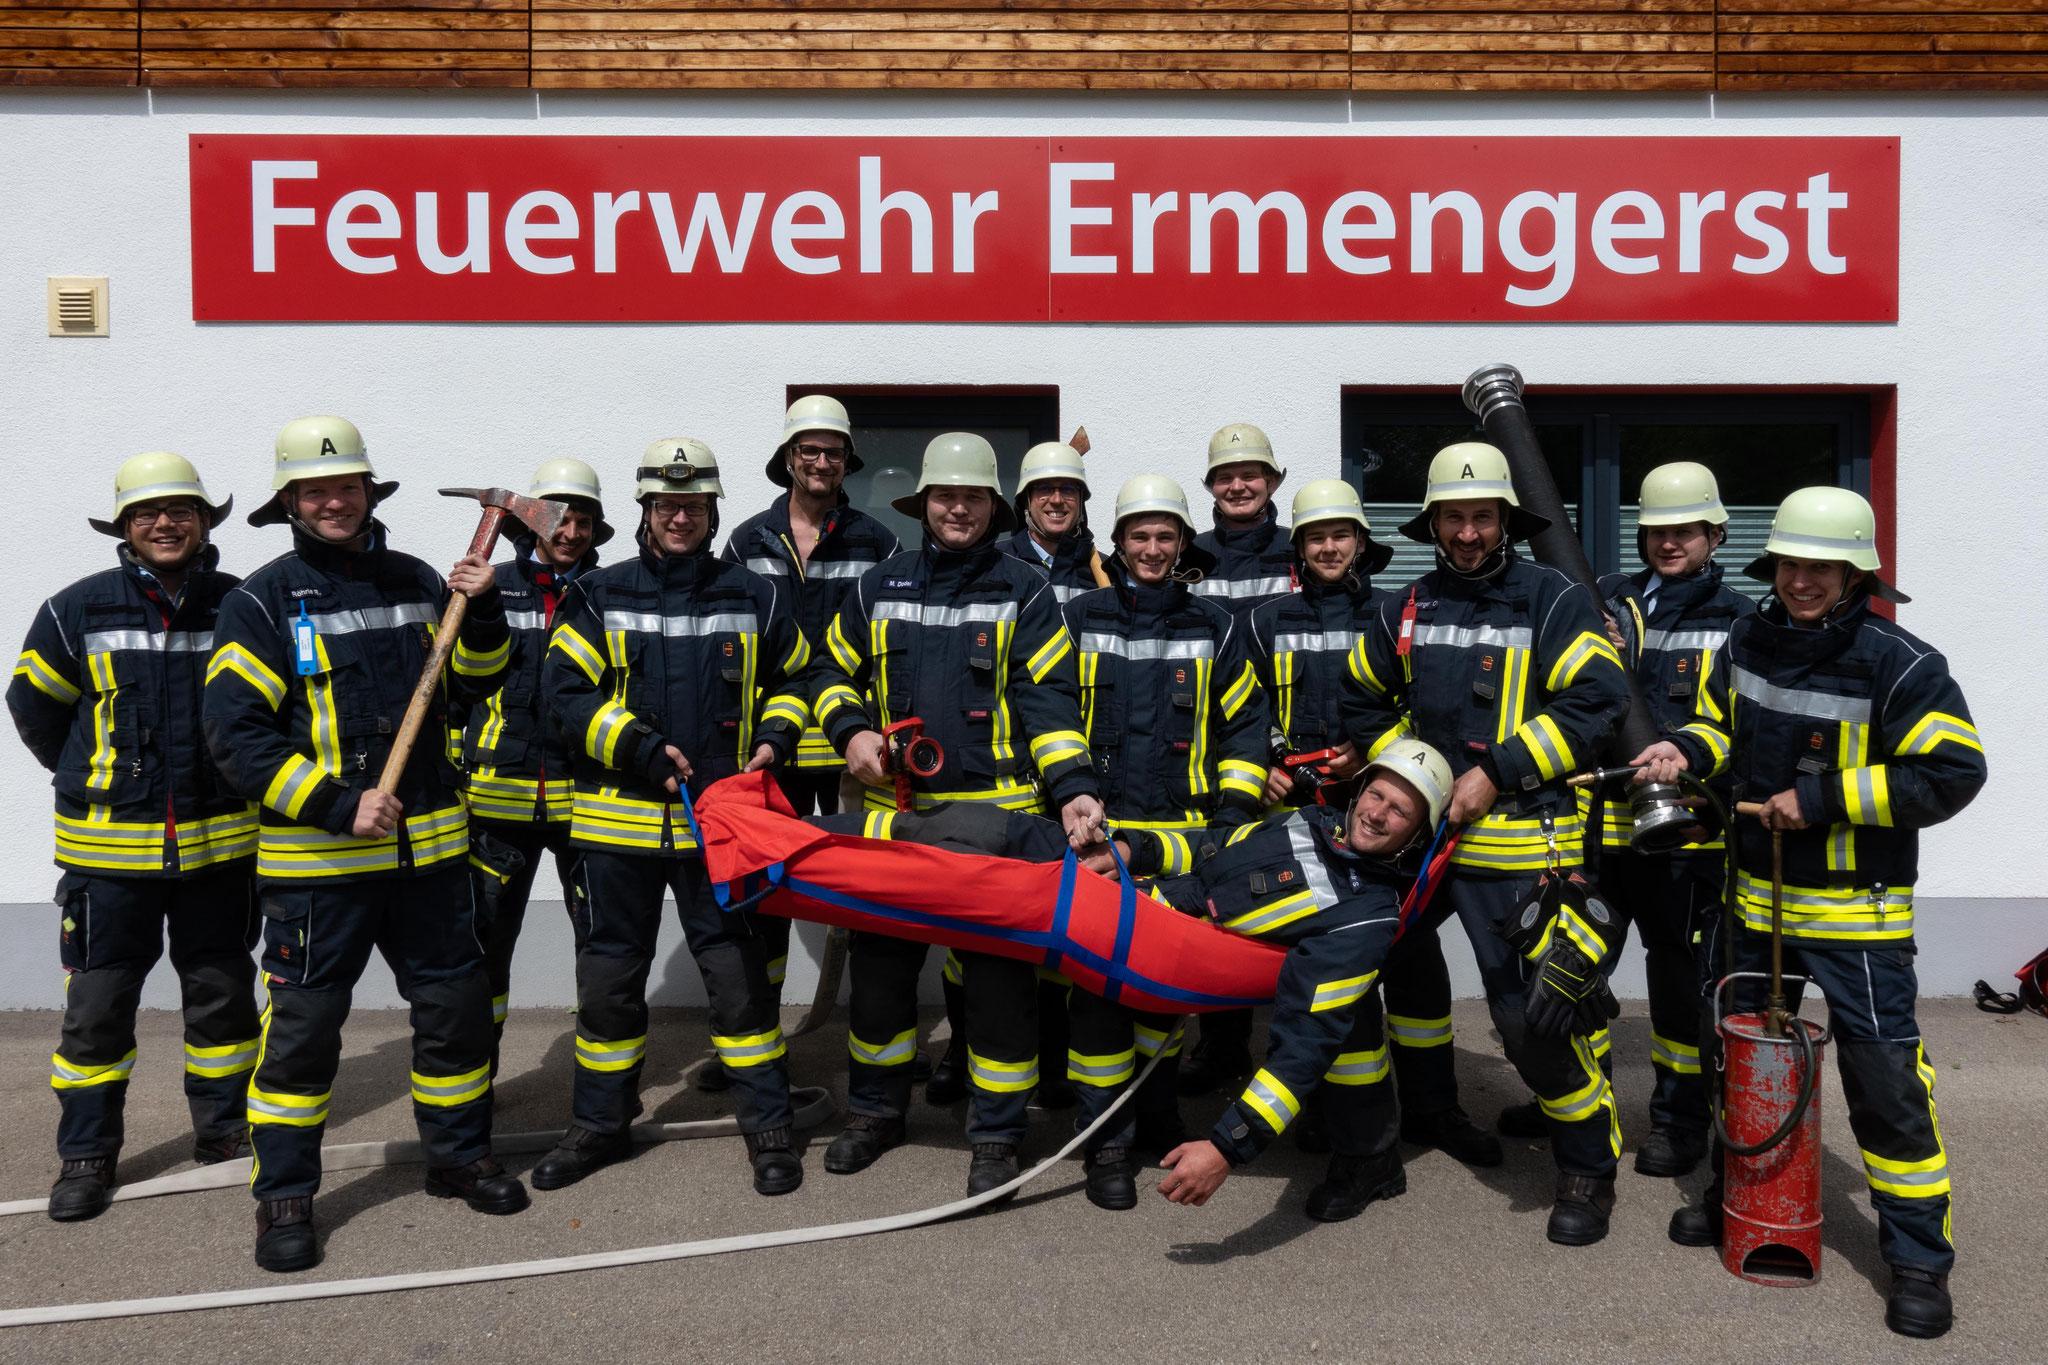 Freiwillige Feuerwehr Ermengerst - Gruppe 2